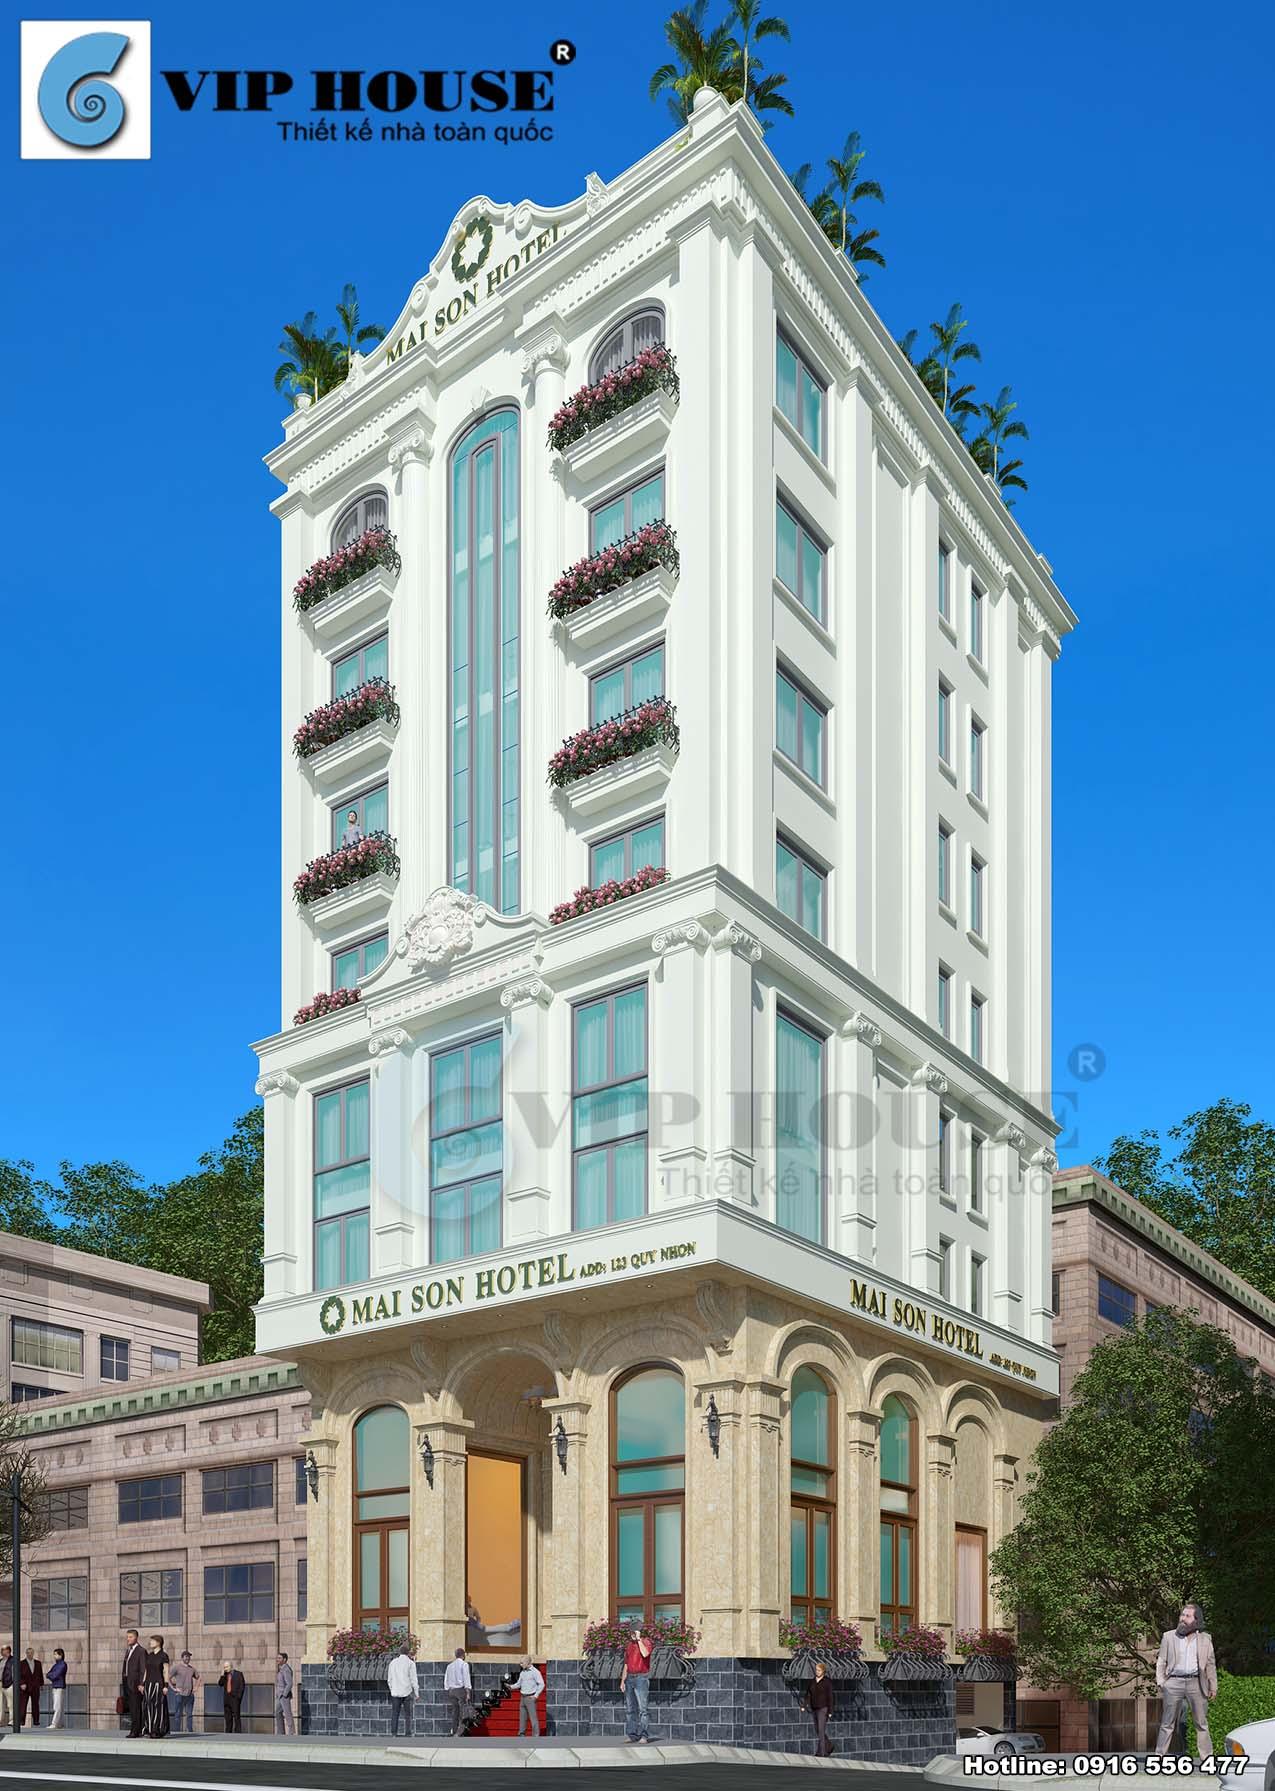 Hình ảnh: Những đường cong vòm bán nguyệt cổ điển làm cho thiết kế khách sạn 9 tầng thêm đẹp và độc đáo hơn